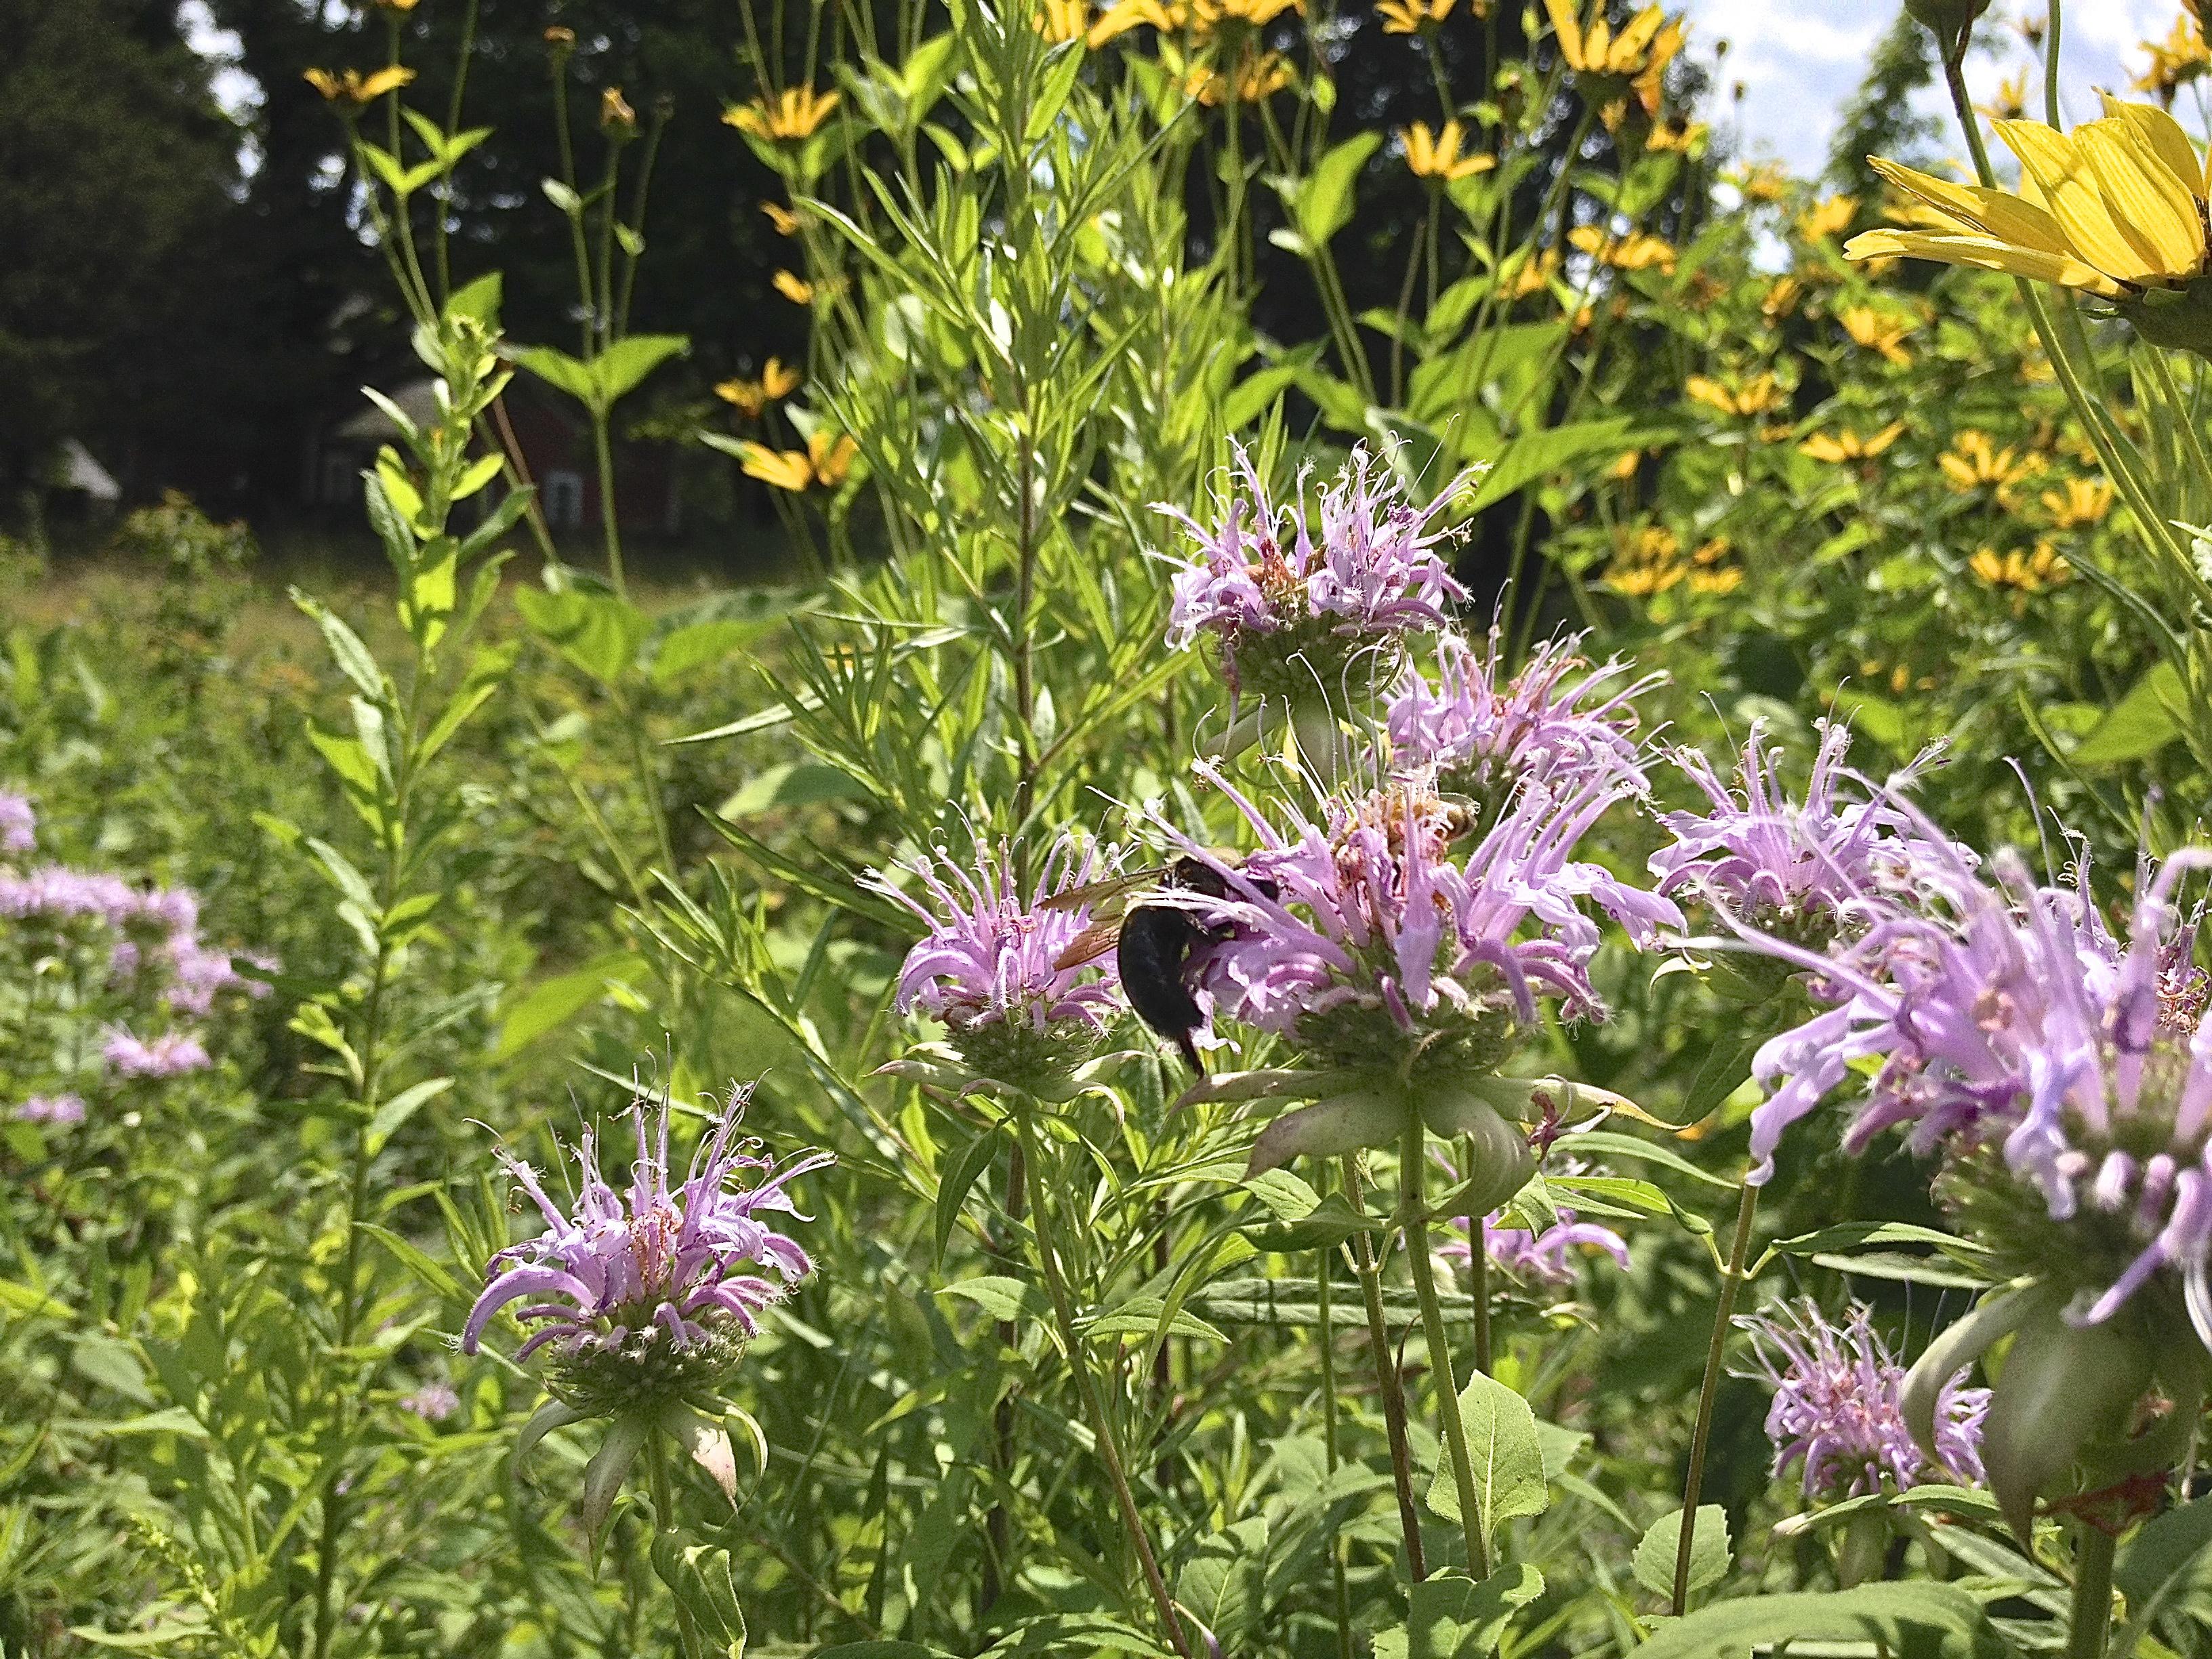 IMG_3492 flowers wf